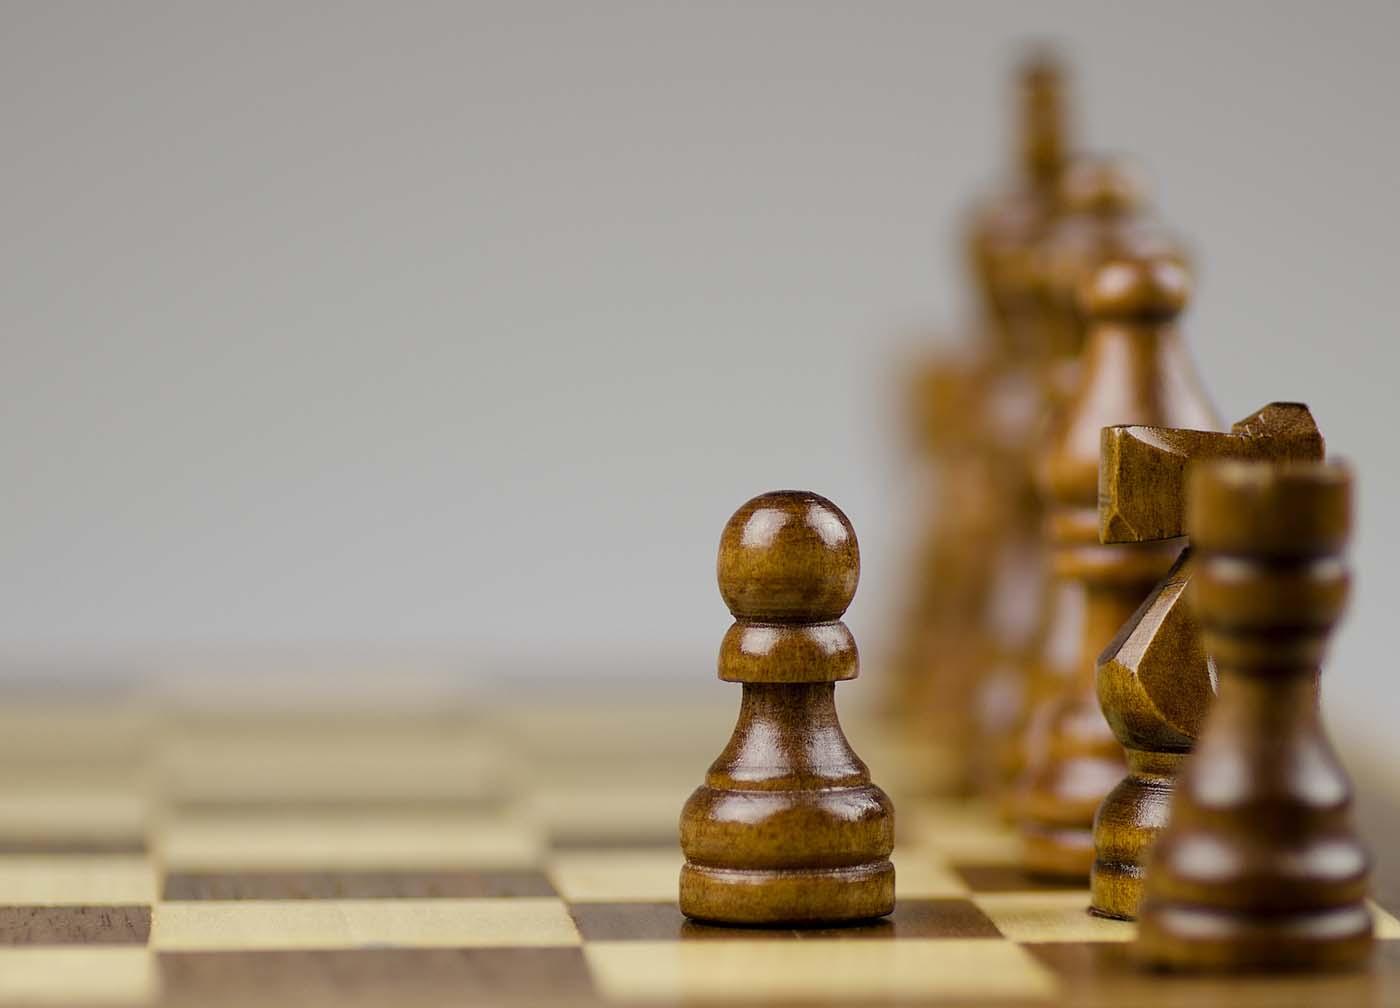 """Webinar με θέμα """"Ο νέος αθλητικός νόμος (4726/2020 ): πως επηρεάζει το σκάκι και τα σκακιστικά σωματεία;"""", Κυριακή 27/9"""